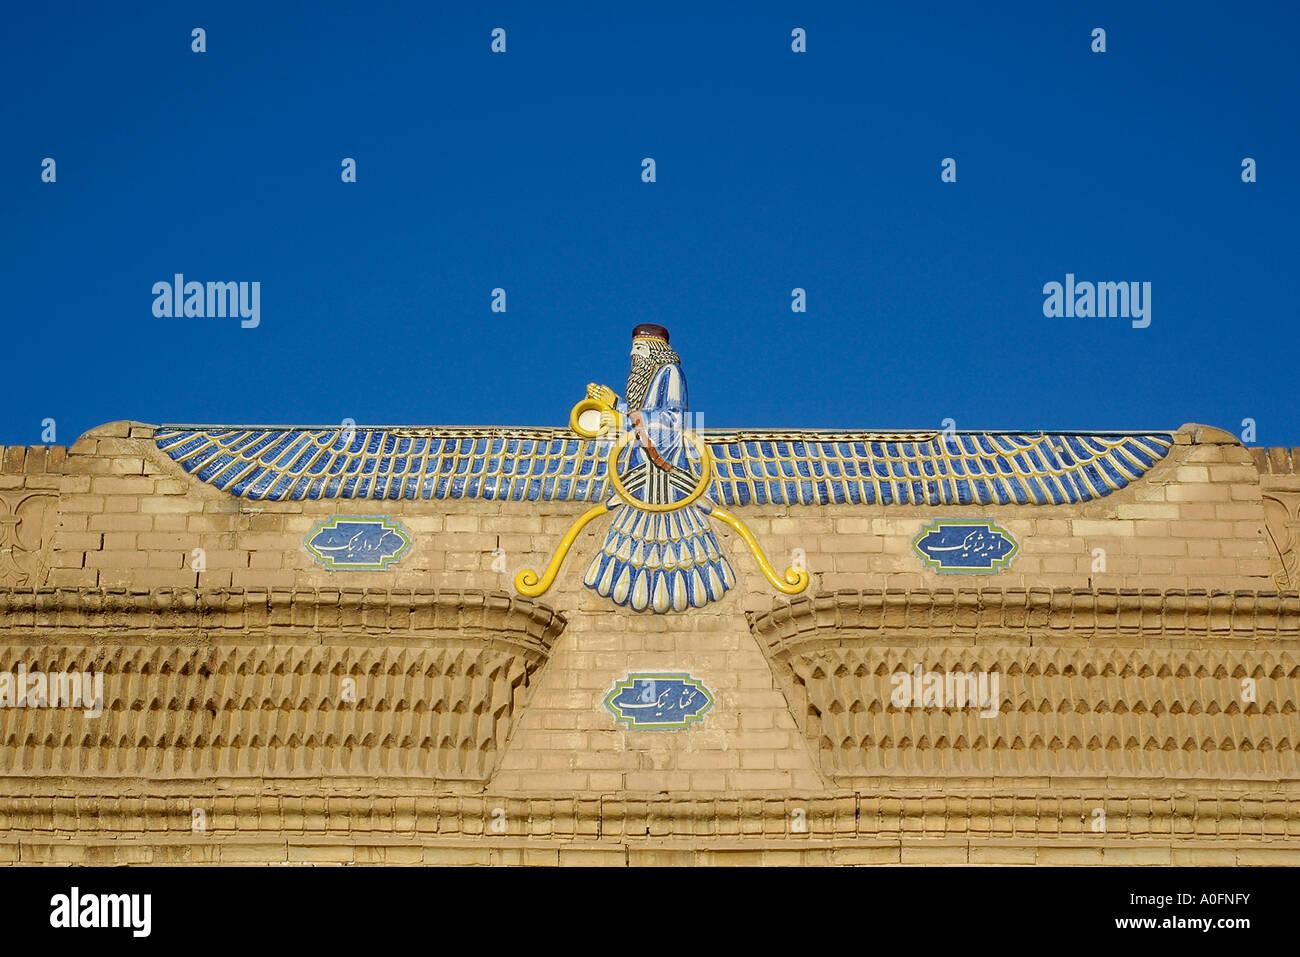 Una foto horizontal del símbolo alado de la religion Zoroastriana, encima de la entrada del templo de fuego de Yazd, Irán. Foto de stock